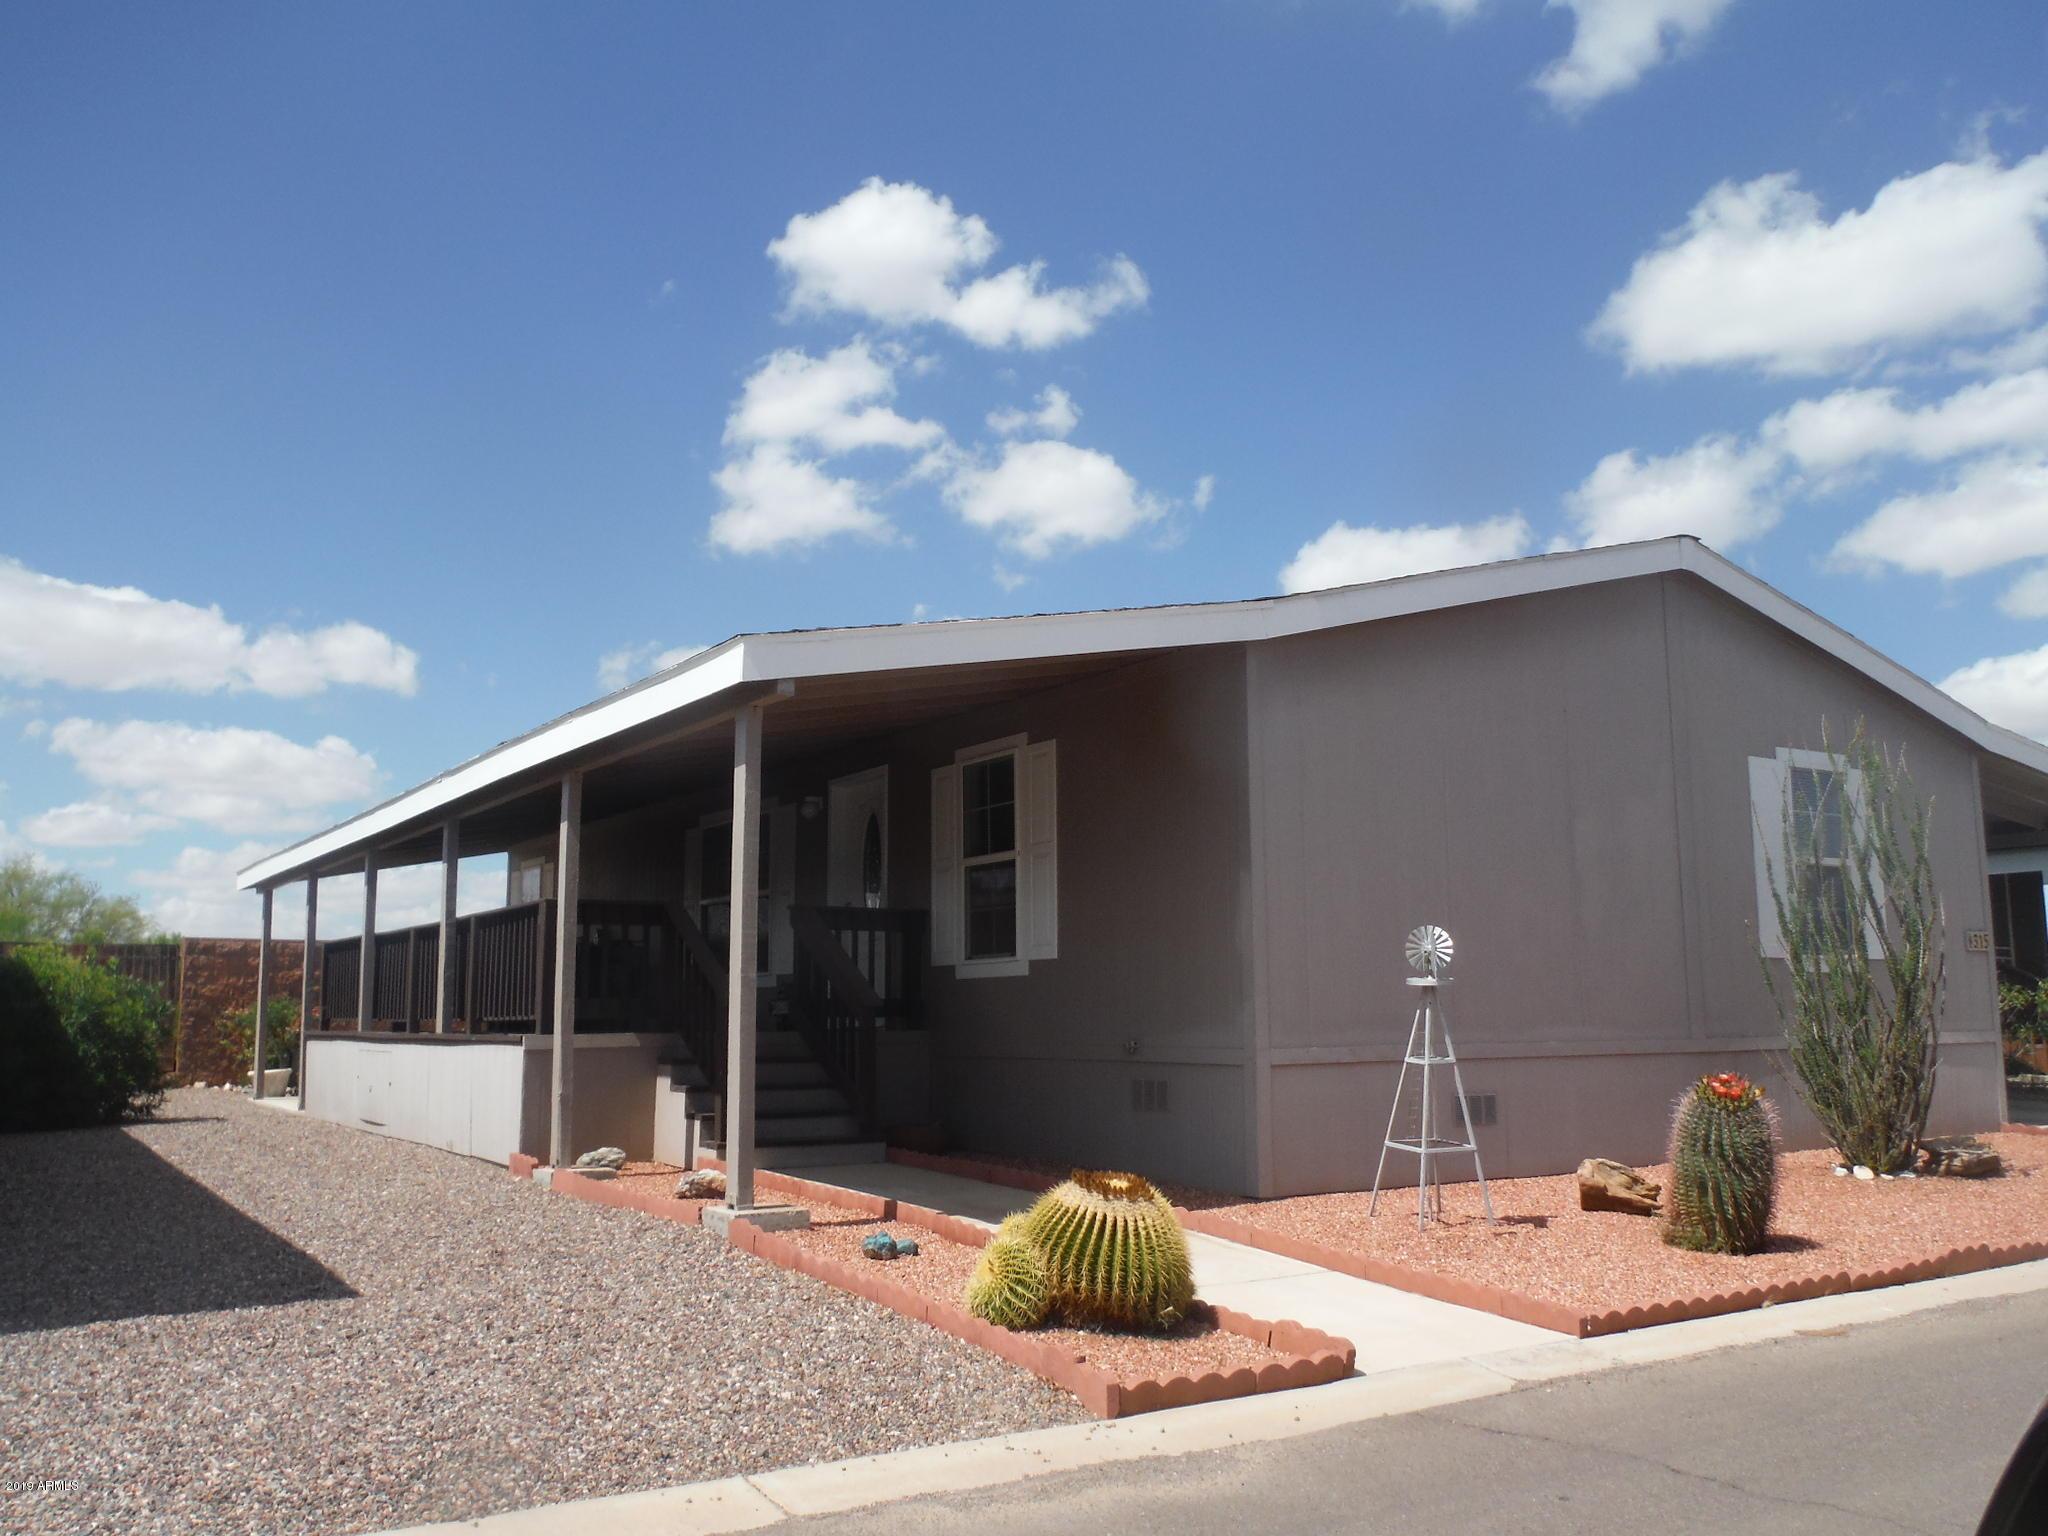 MLS 5977737 2501 W Wickenburg Way Unit 315, Wickenburg, AZ 85390 Wickenburg AZ Affordable